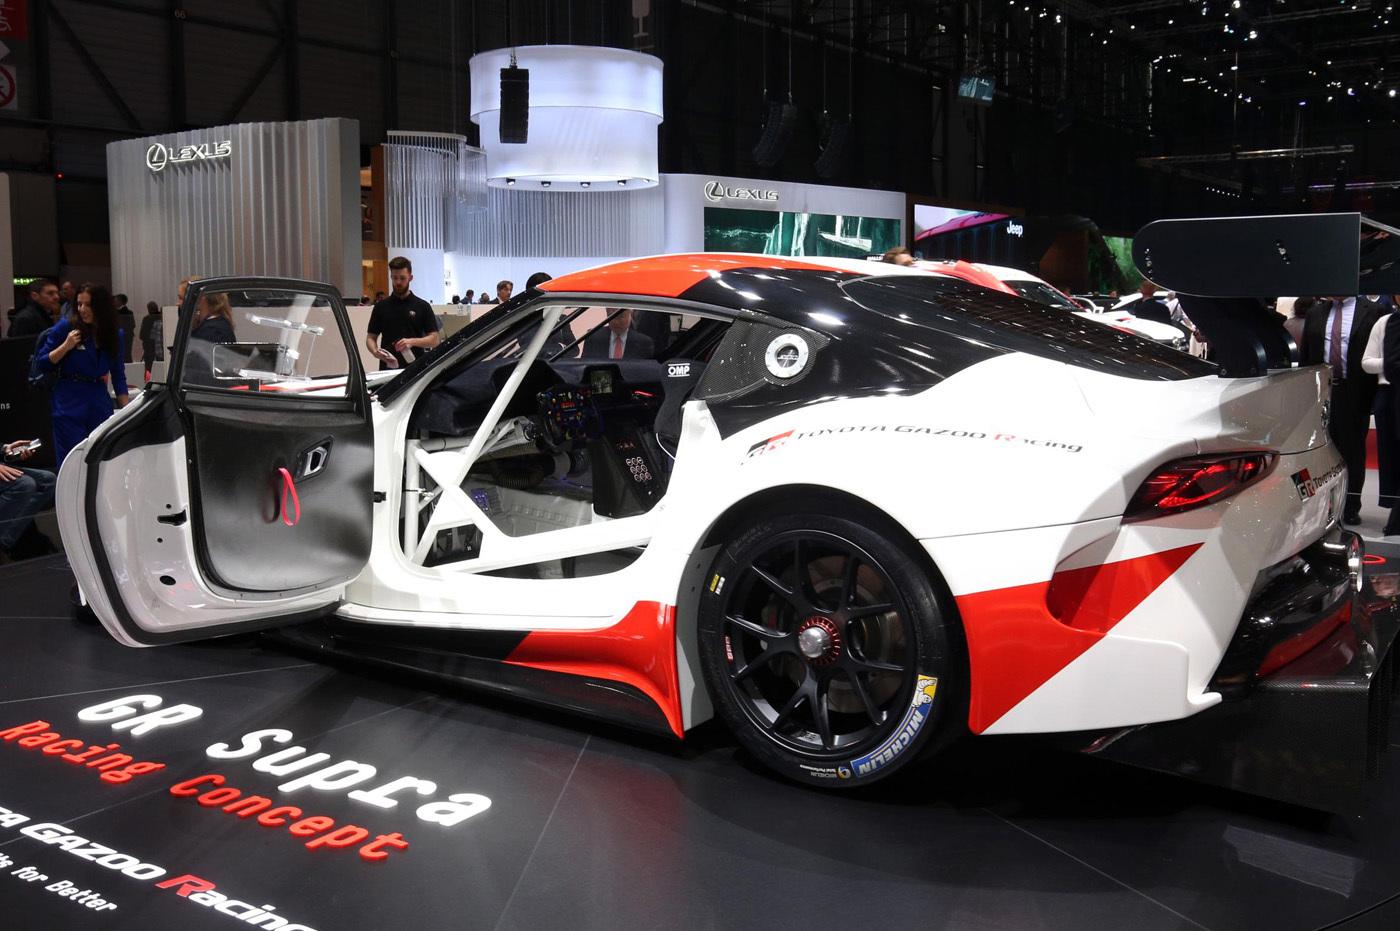 ジュネーブショーに登場した並み居る注目車のなかでも一番人気だったGRスープラレーシングコンセプト